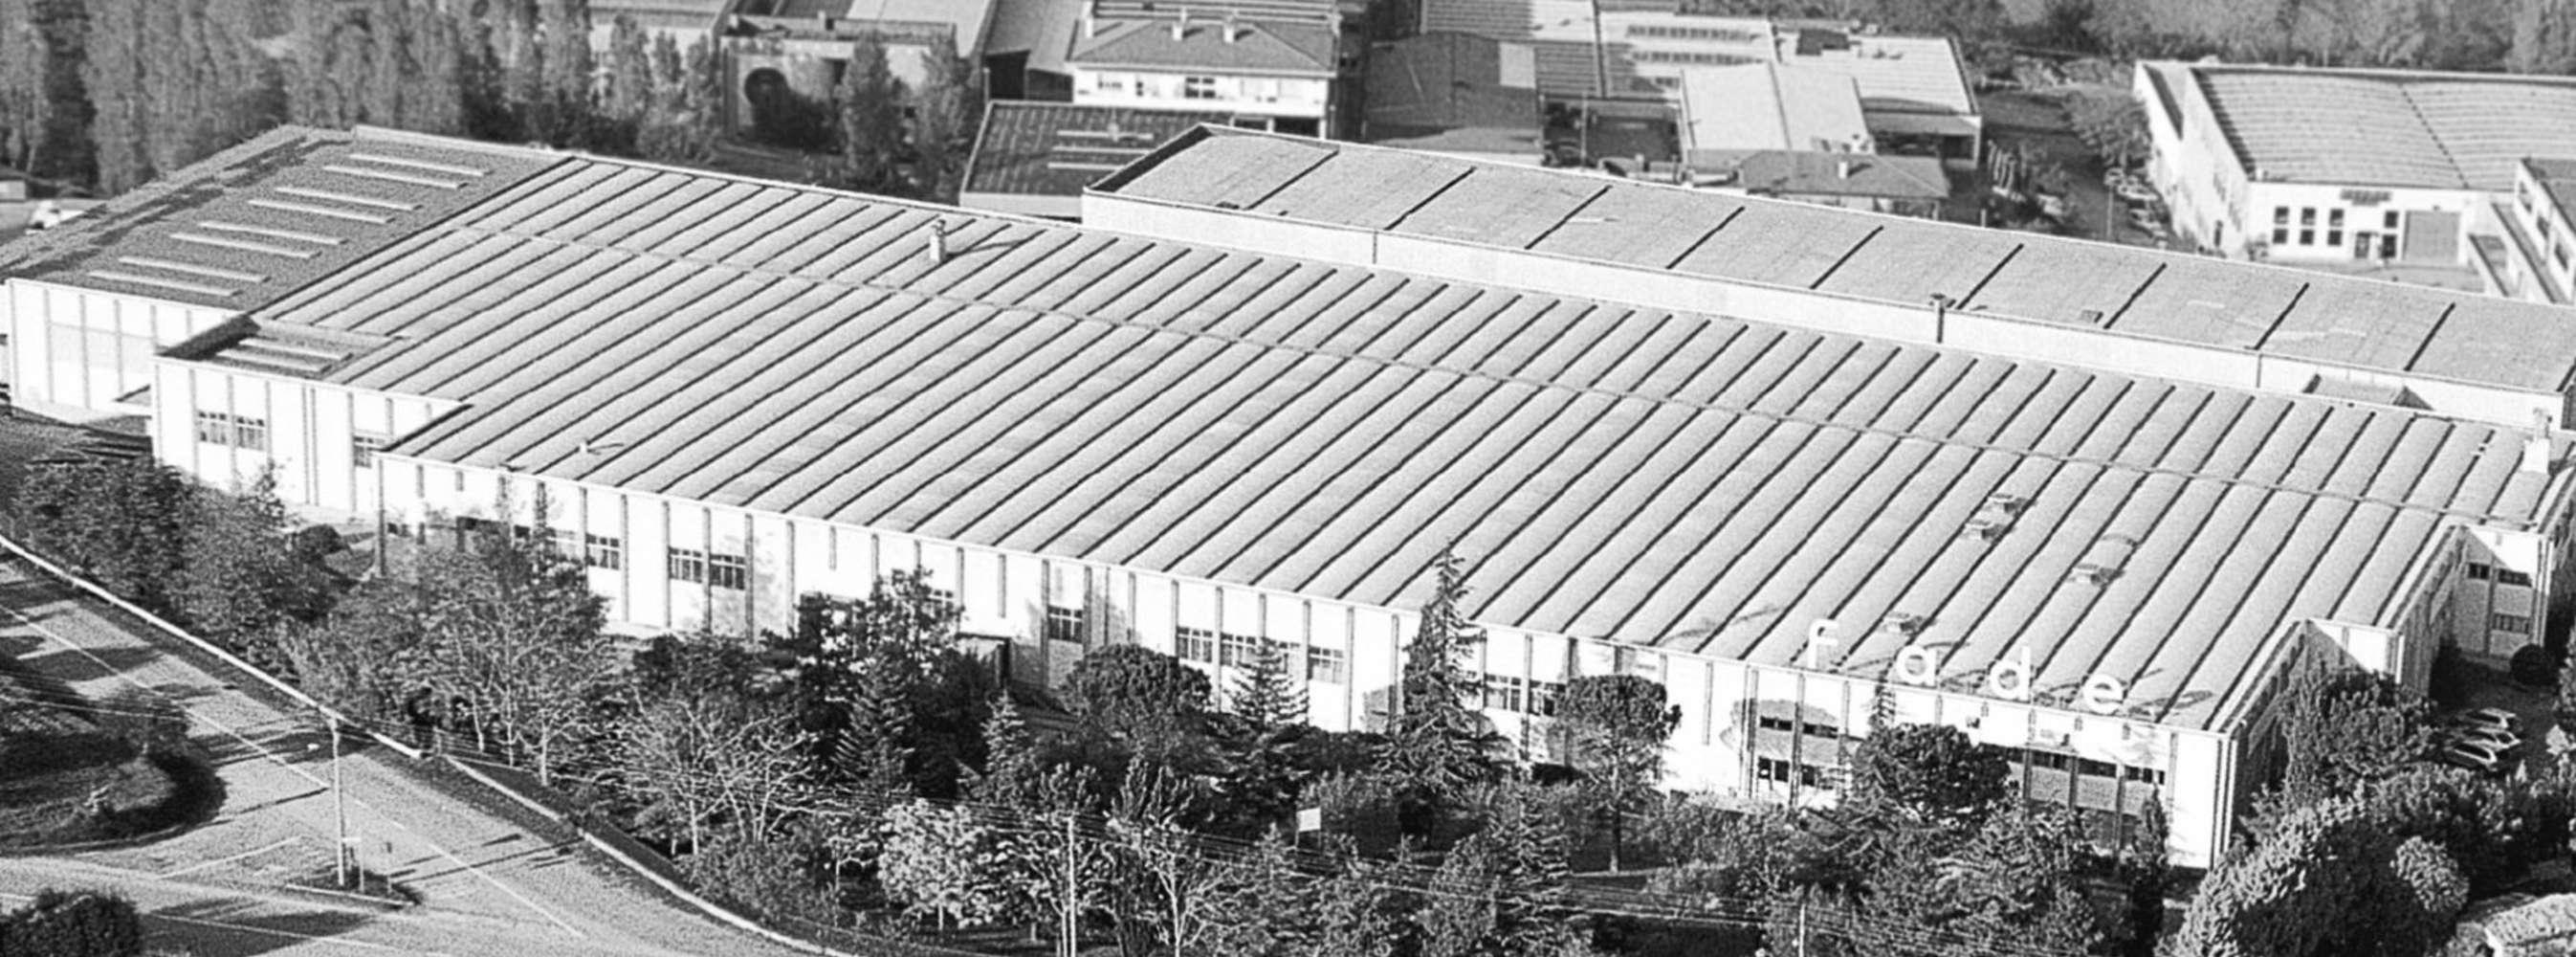 Magazzini industriali e logistici Dogana, 47890 - Capannone industriale San Marino - 10878384